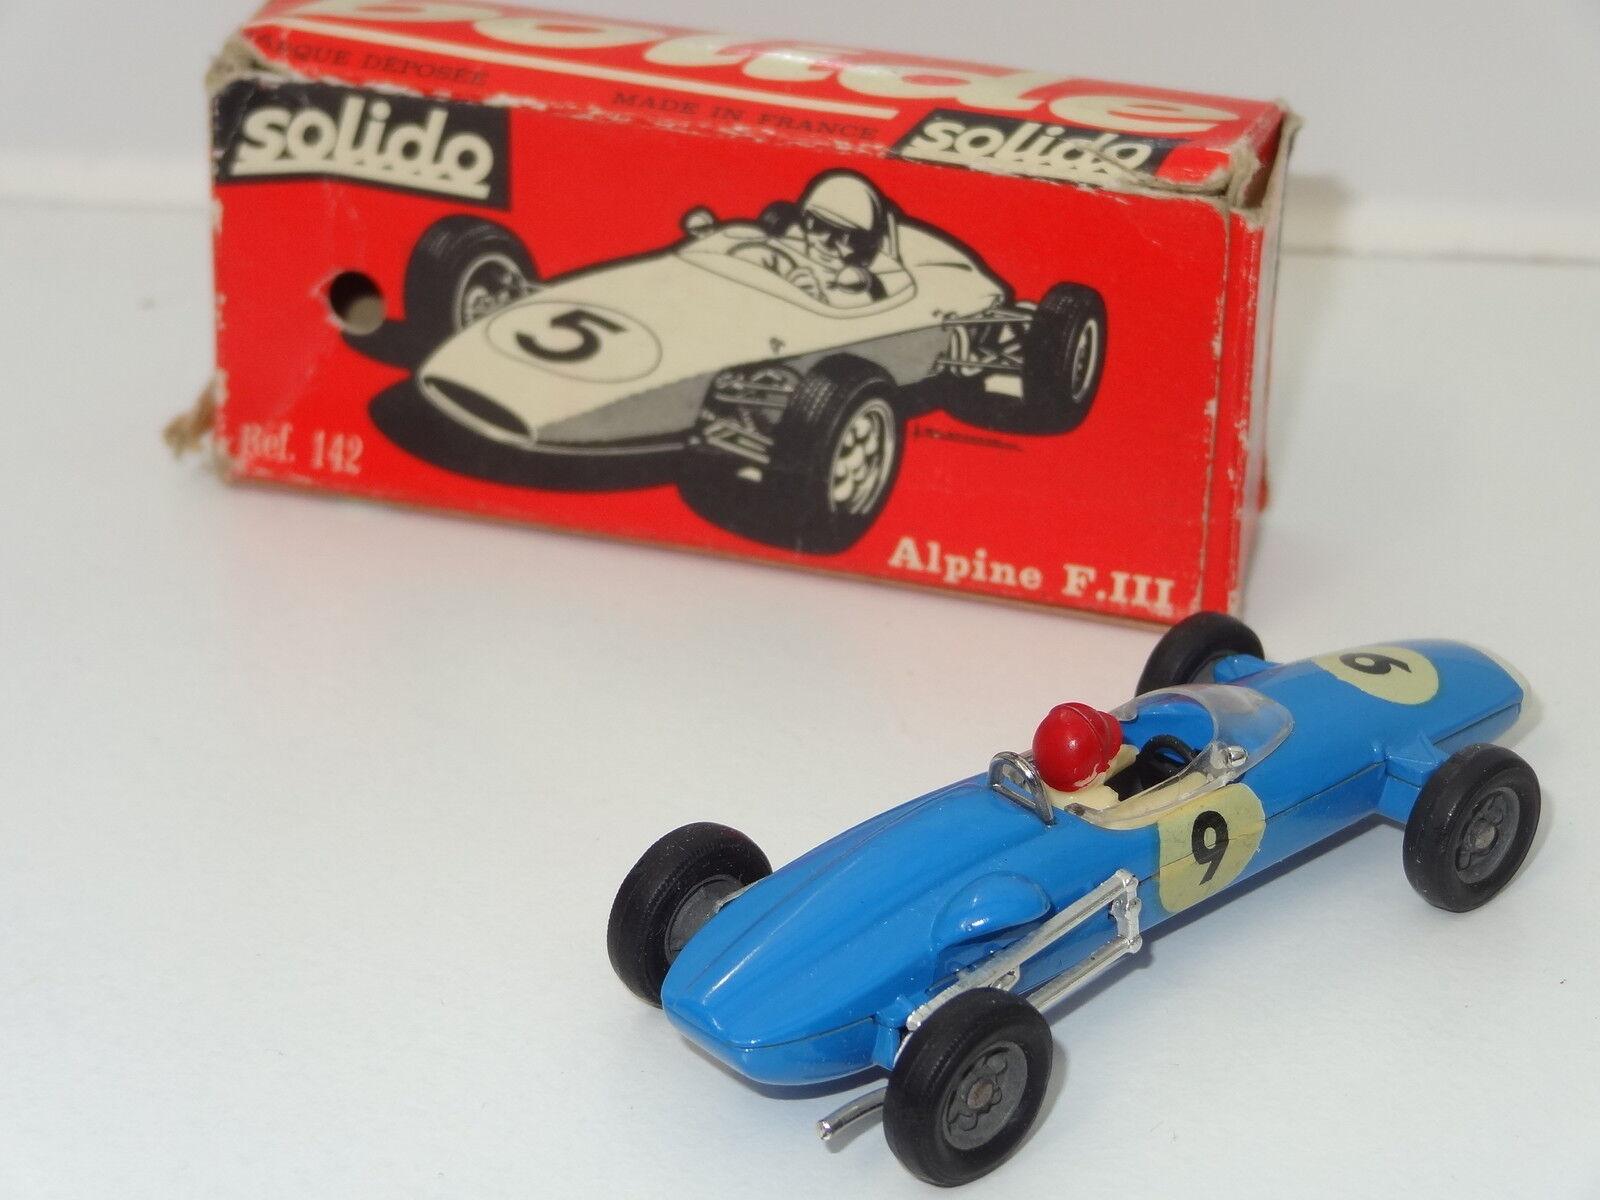 a precios asequibles Solido Alpine F111 - 142 142 142 En Caja  vendiendo bien en todo el mundo